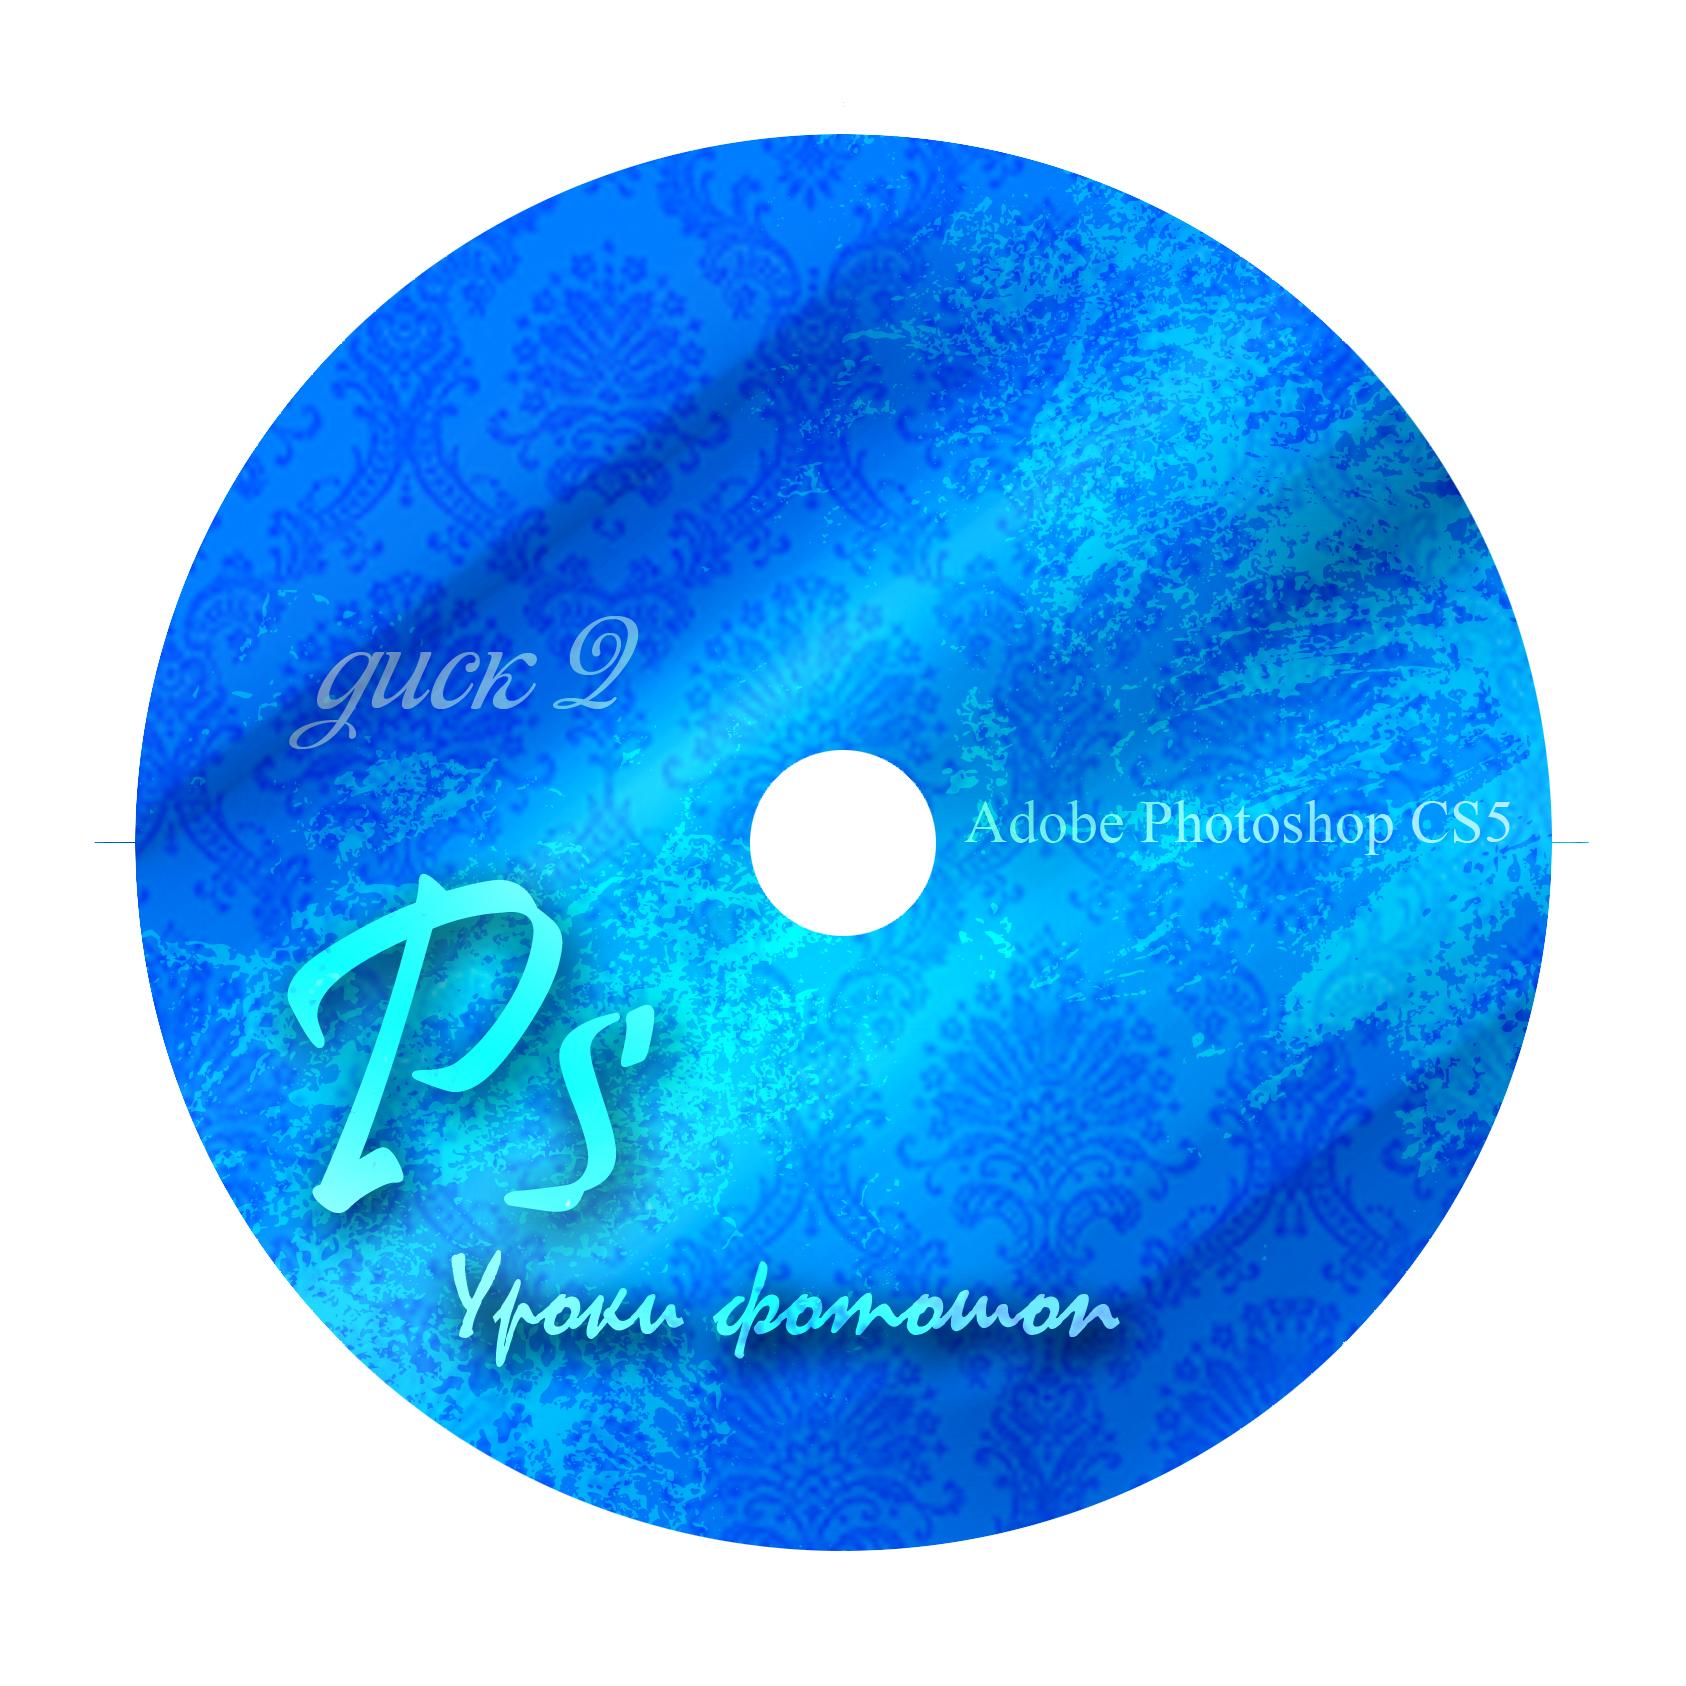 Создание дизайна DVD релиза (обложка, накатка, меню и т.п.) фото f_4d8a592319c95.jpg